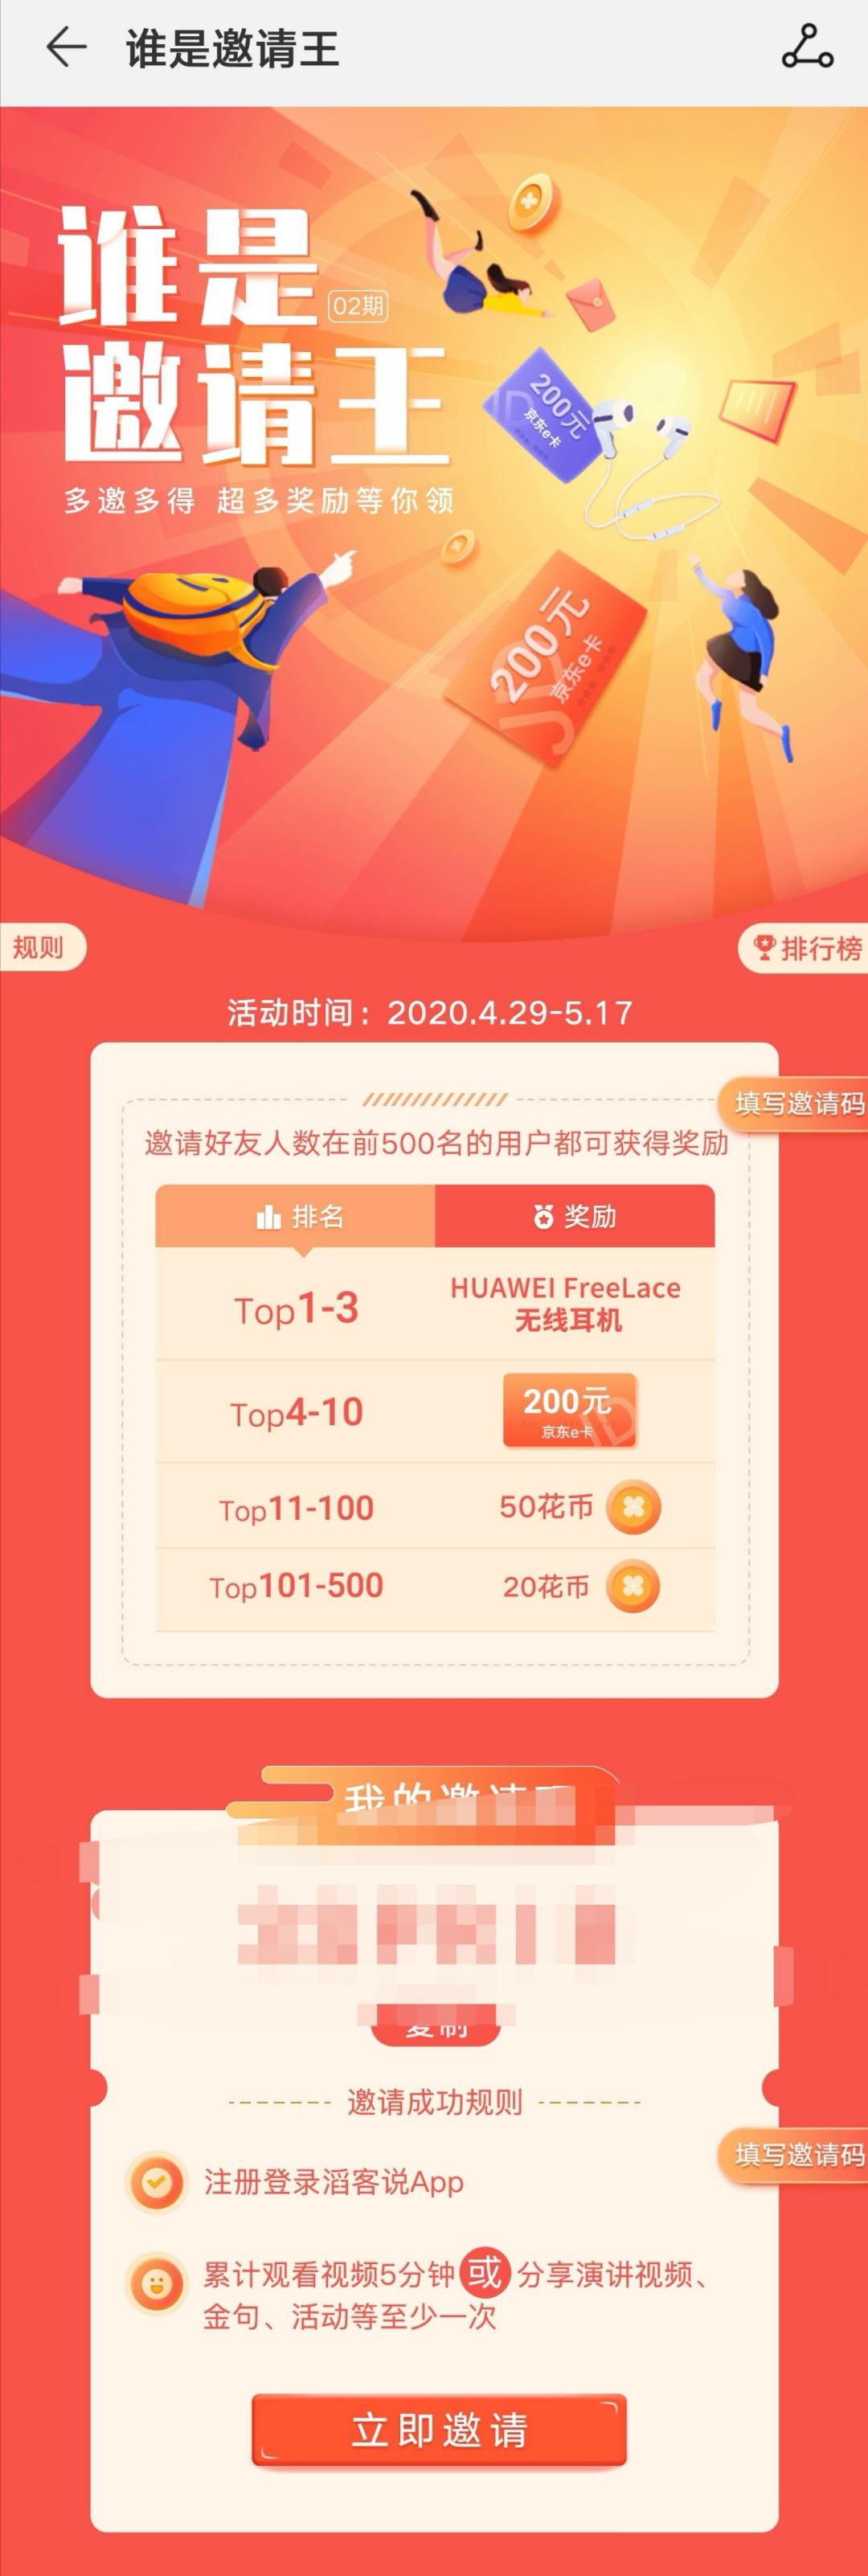 Screenshot_20200508_150717.jpg